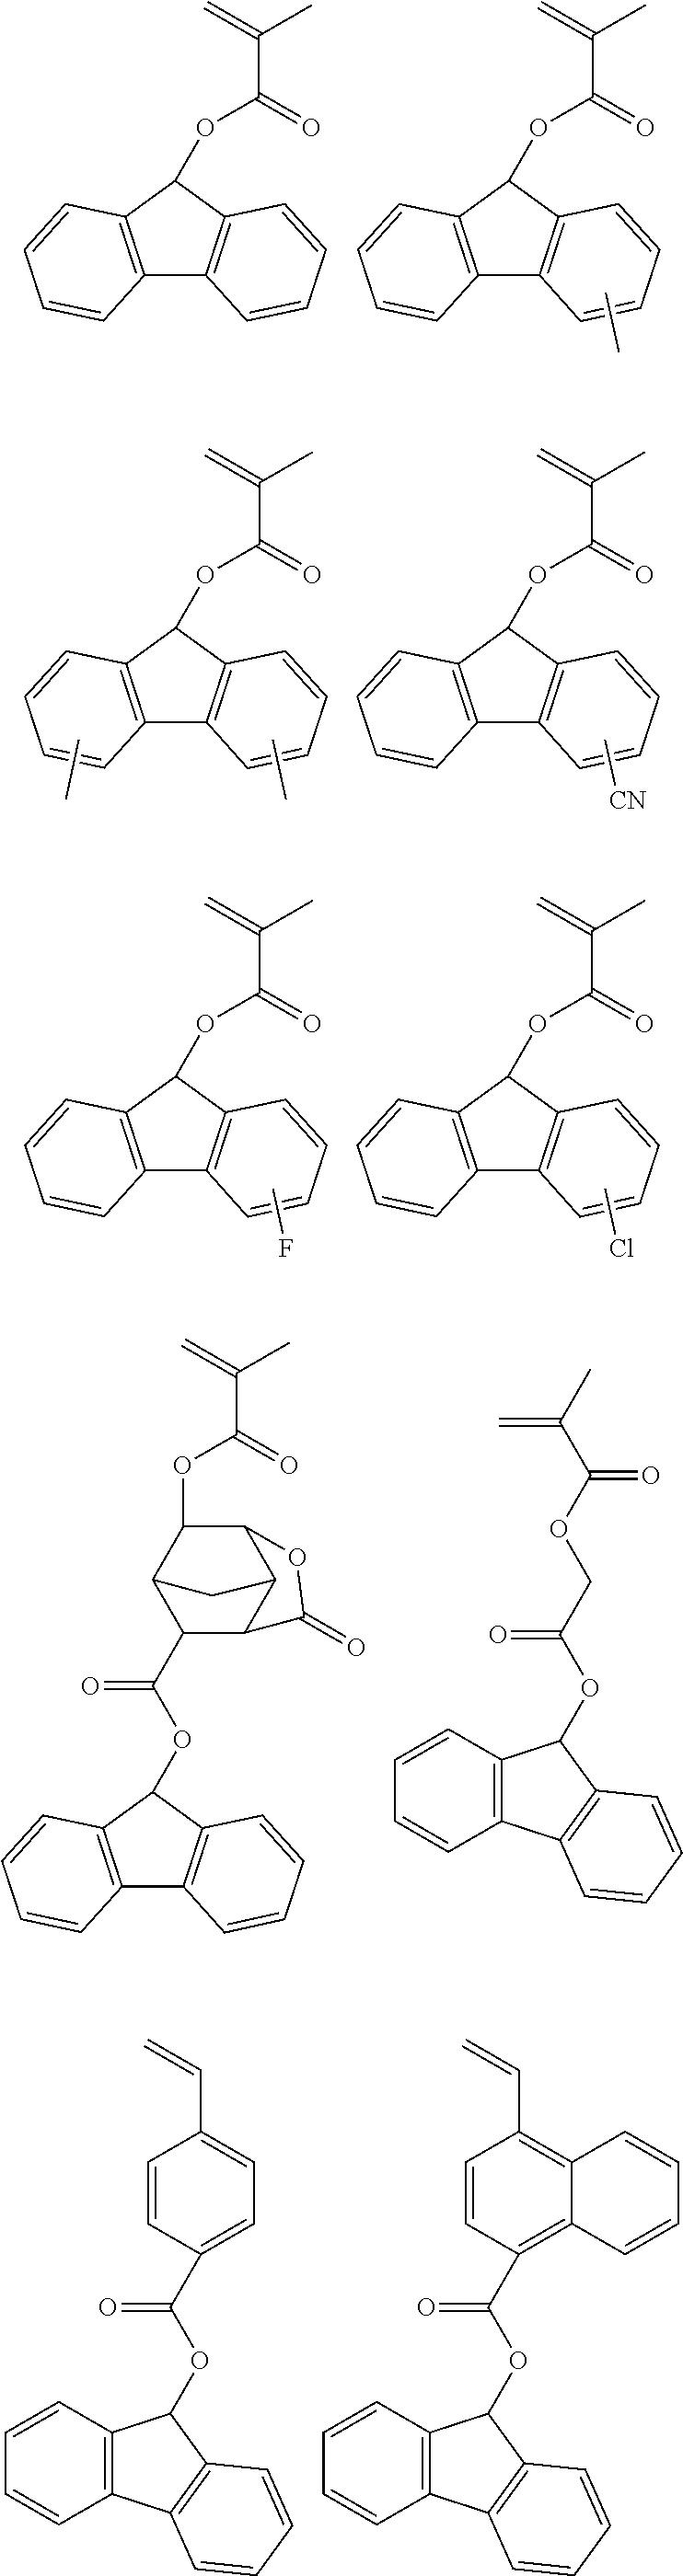 Figure US09023586-20150505-C00048